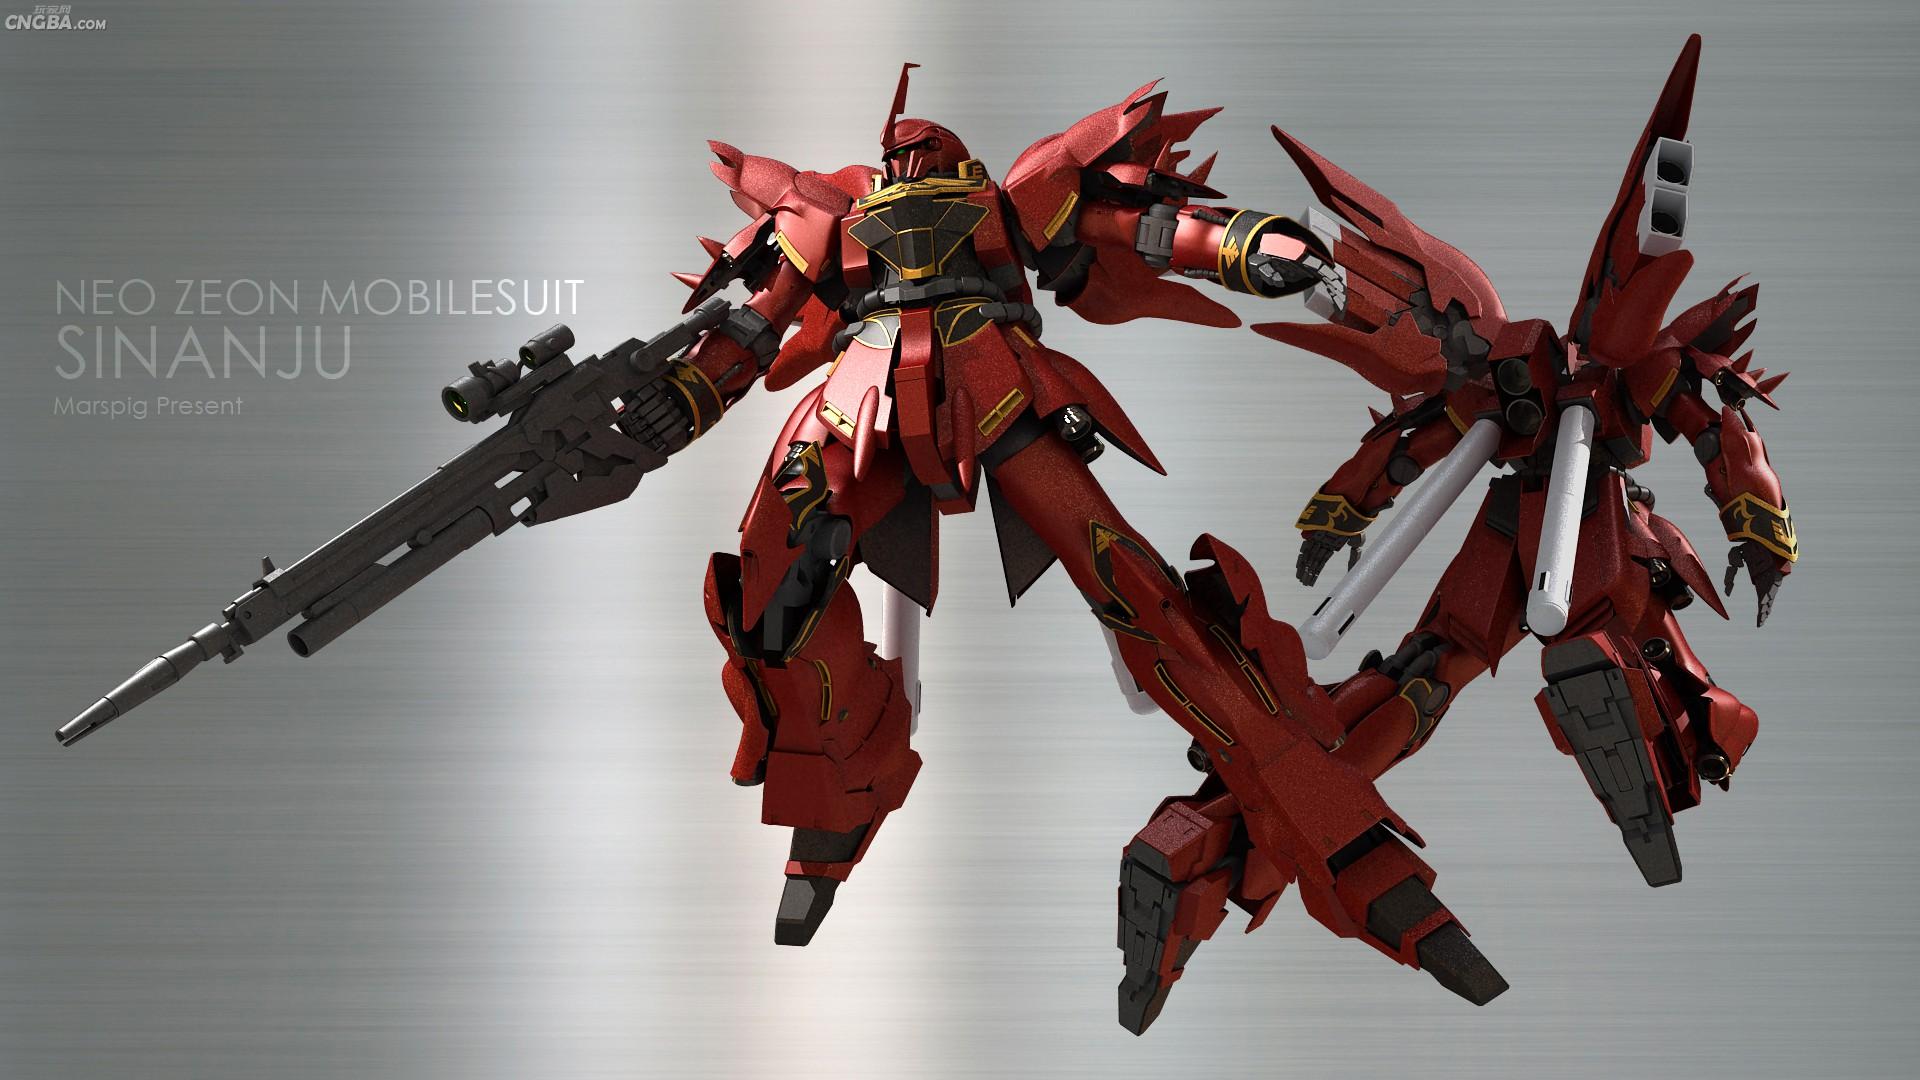 Gundam Computer Wallpapers Desktop Backgrounds 1920x1080 Id 226511 1920x1080